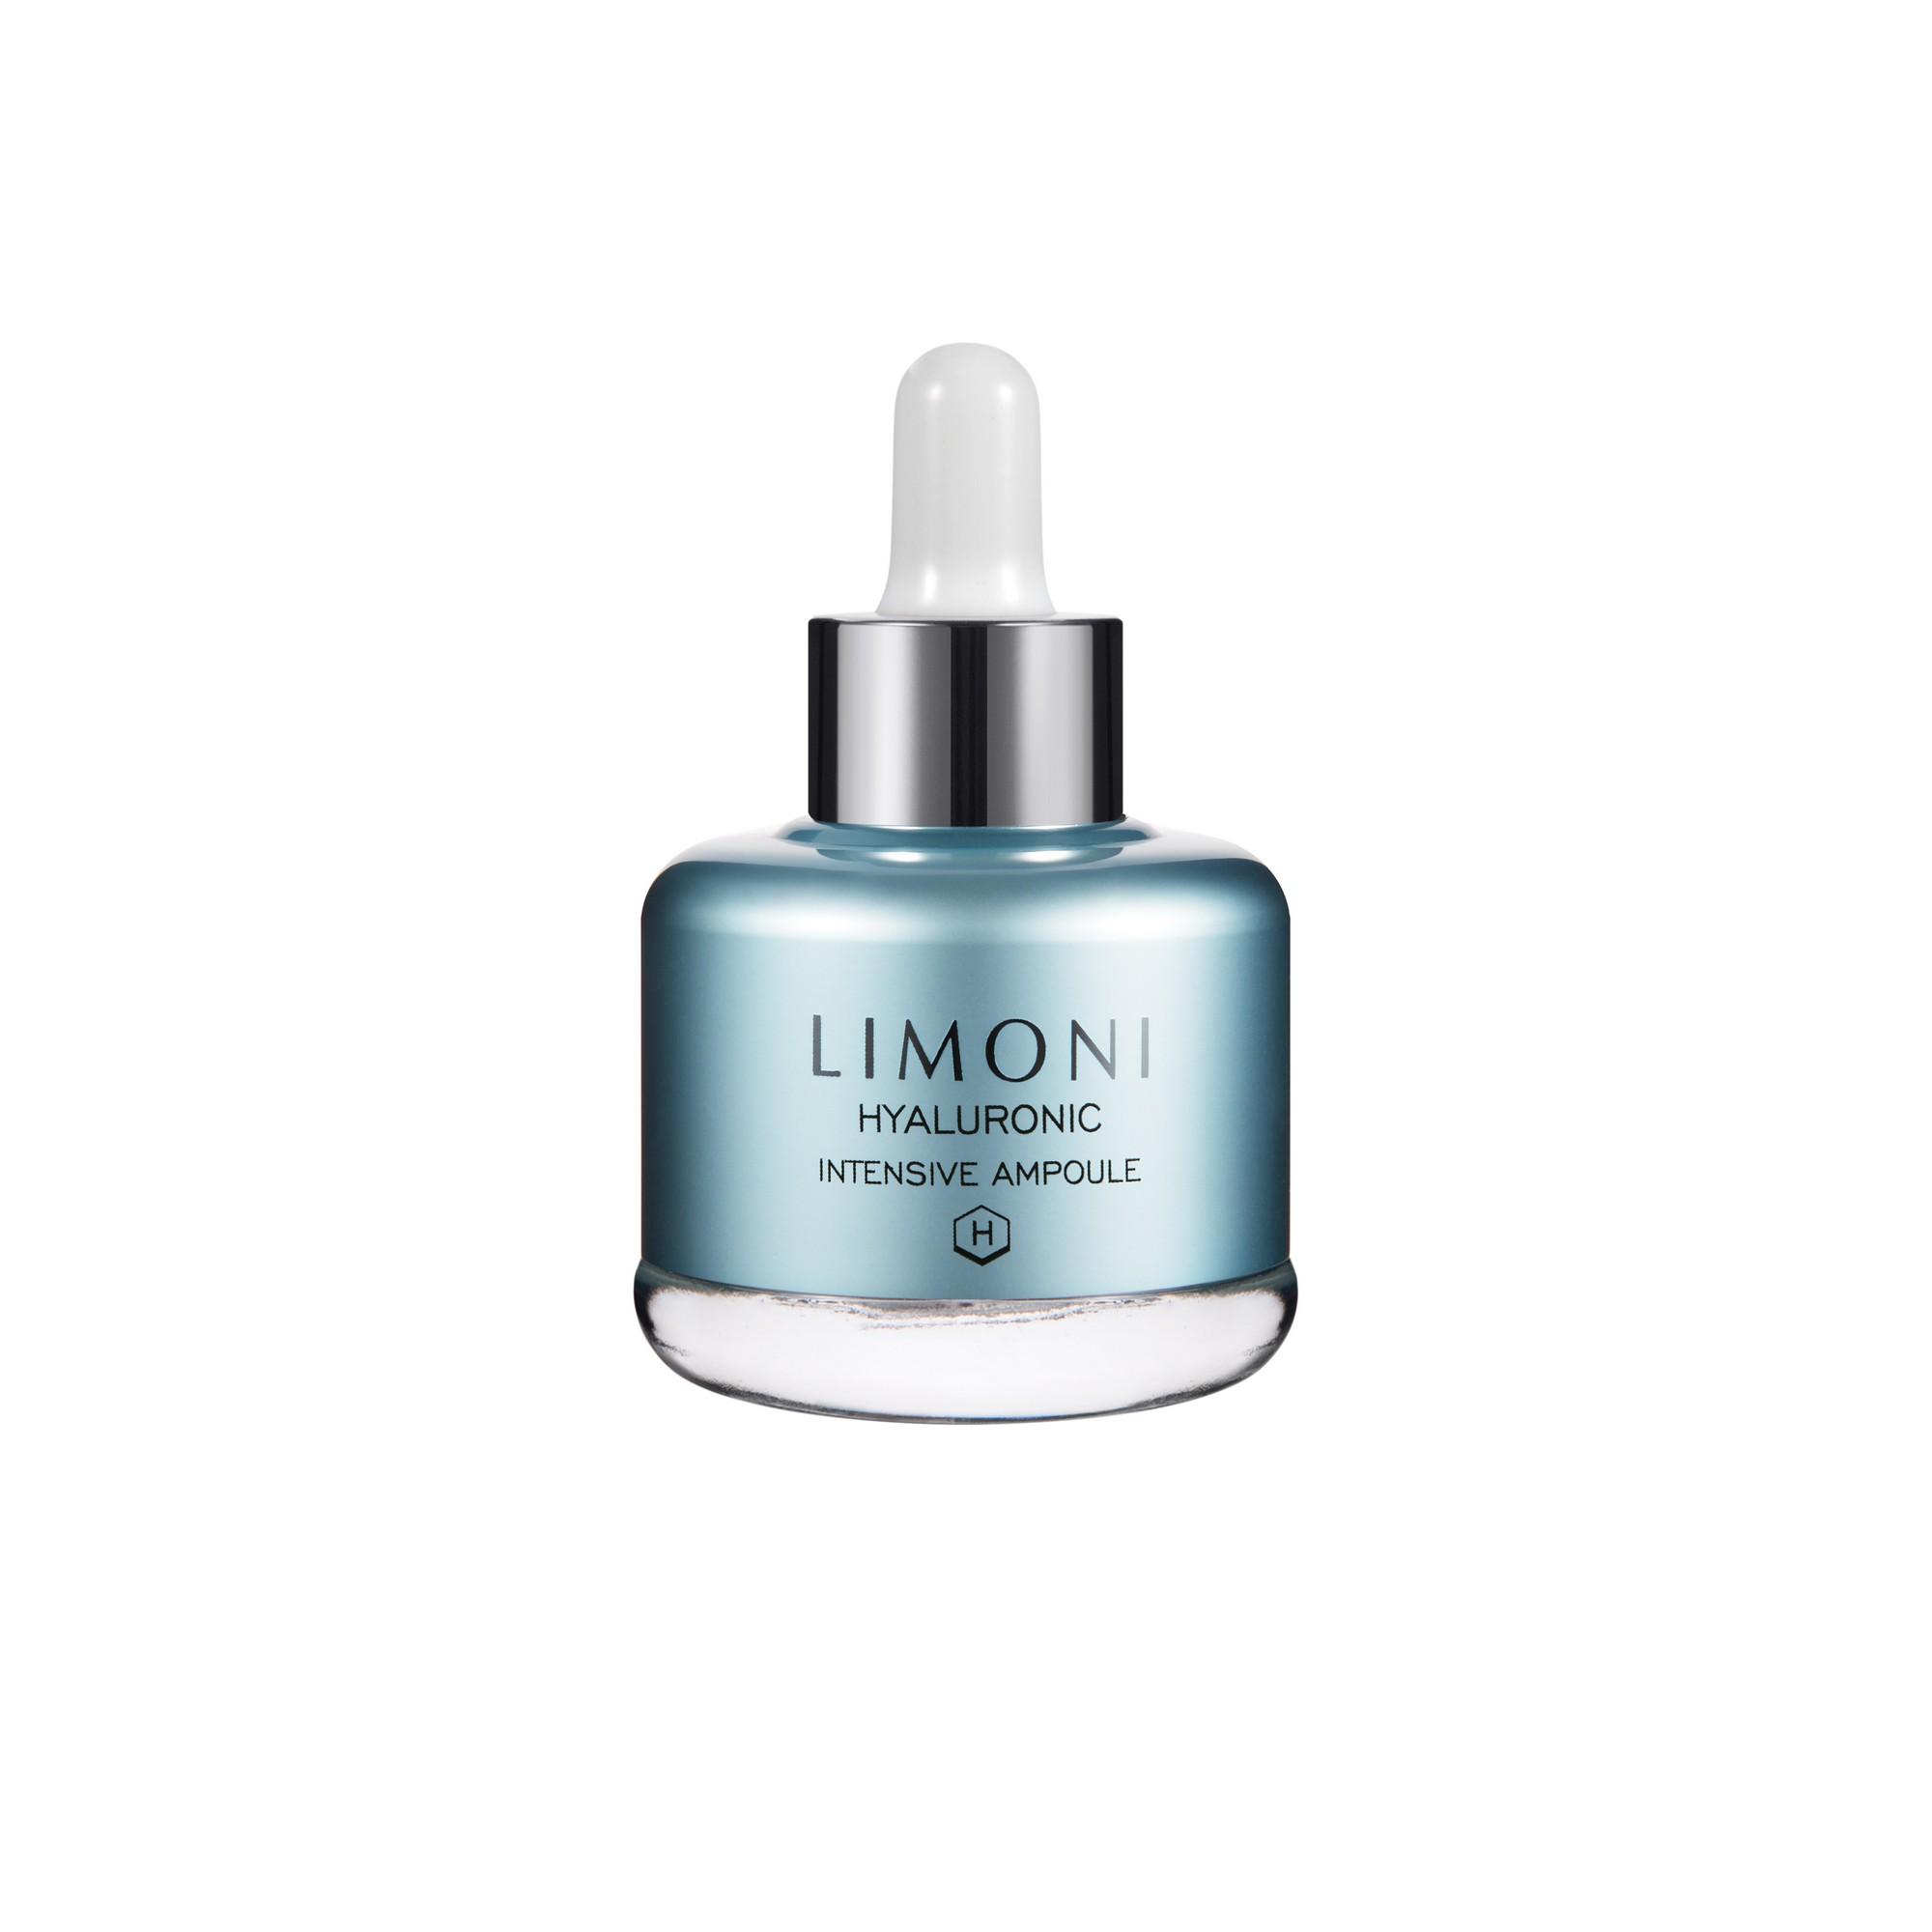 LIMONI Сыворотка для лица ультраувлажняющая с гиалуроновой кислотой / Hyaluronic Intensive Ampoule 25 мл